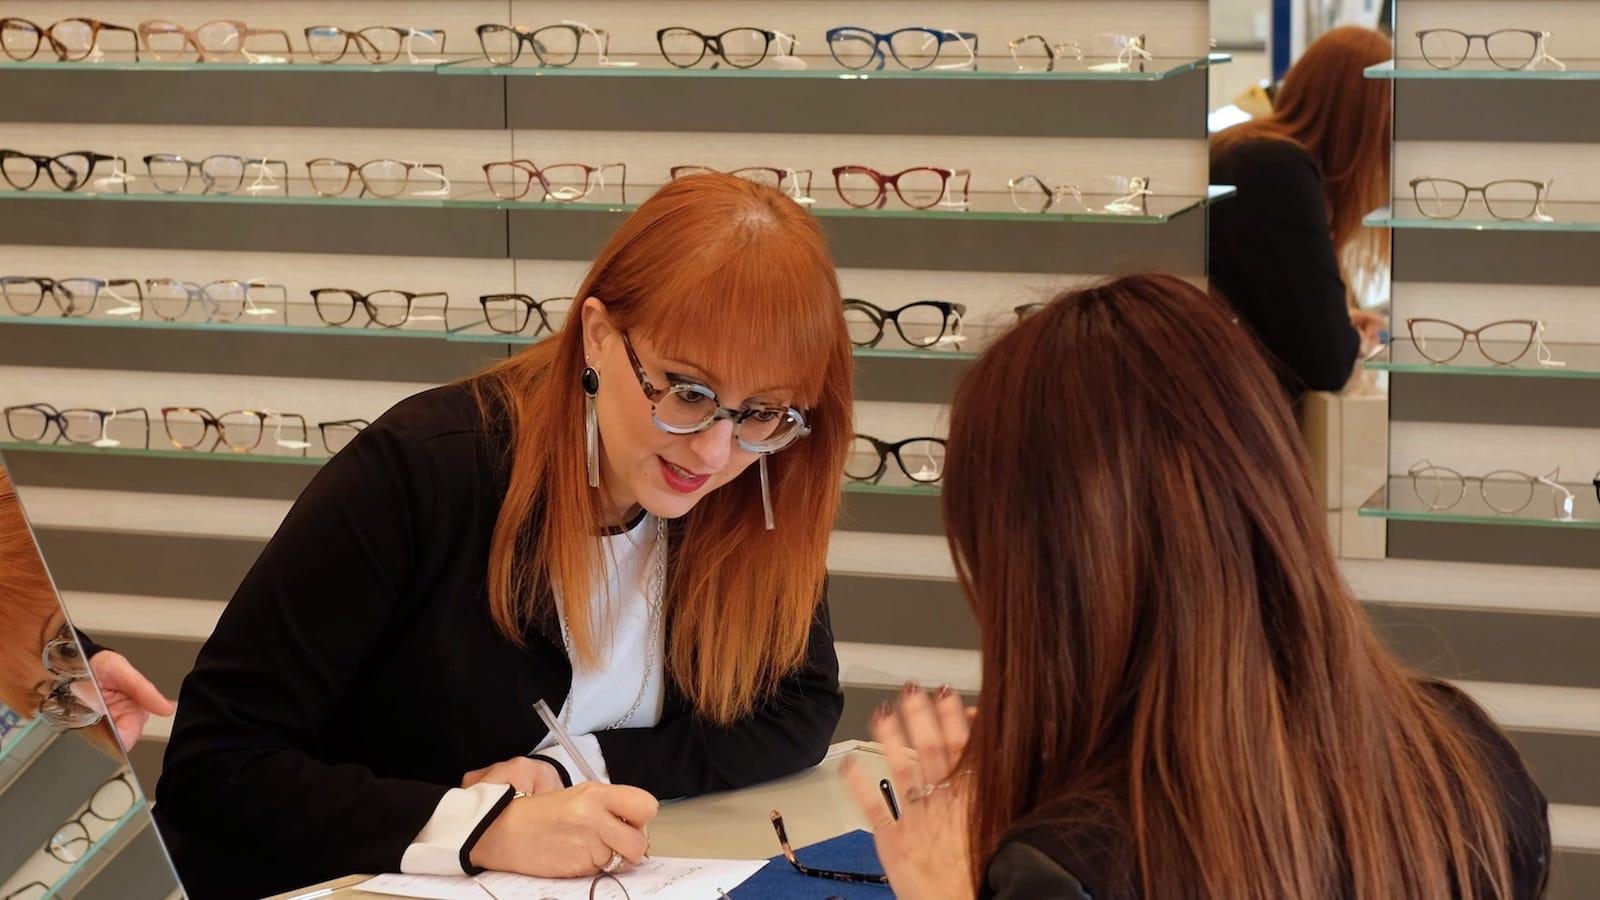 Consulenza per la scelta dell'occhiale - Ottica Pozzi